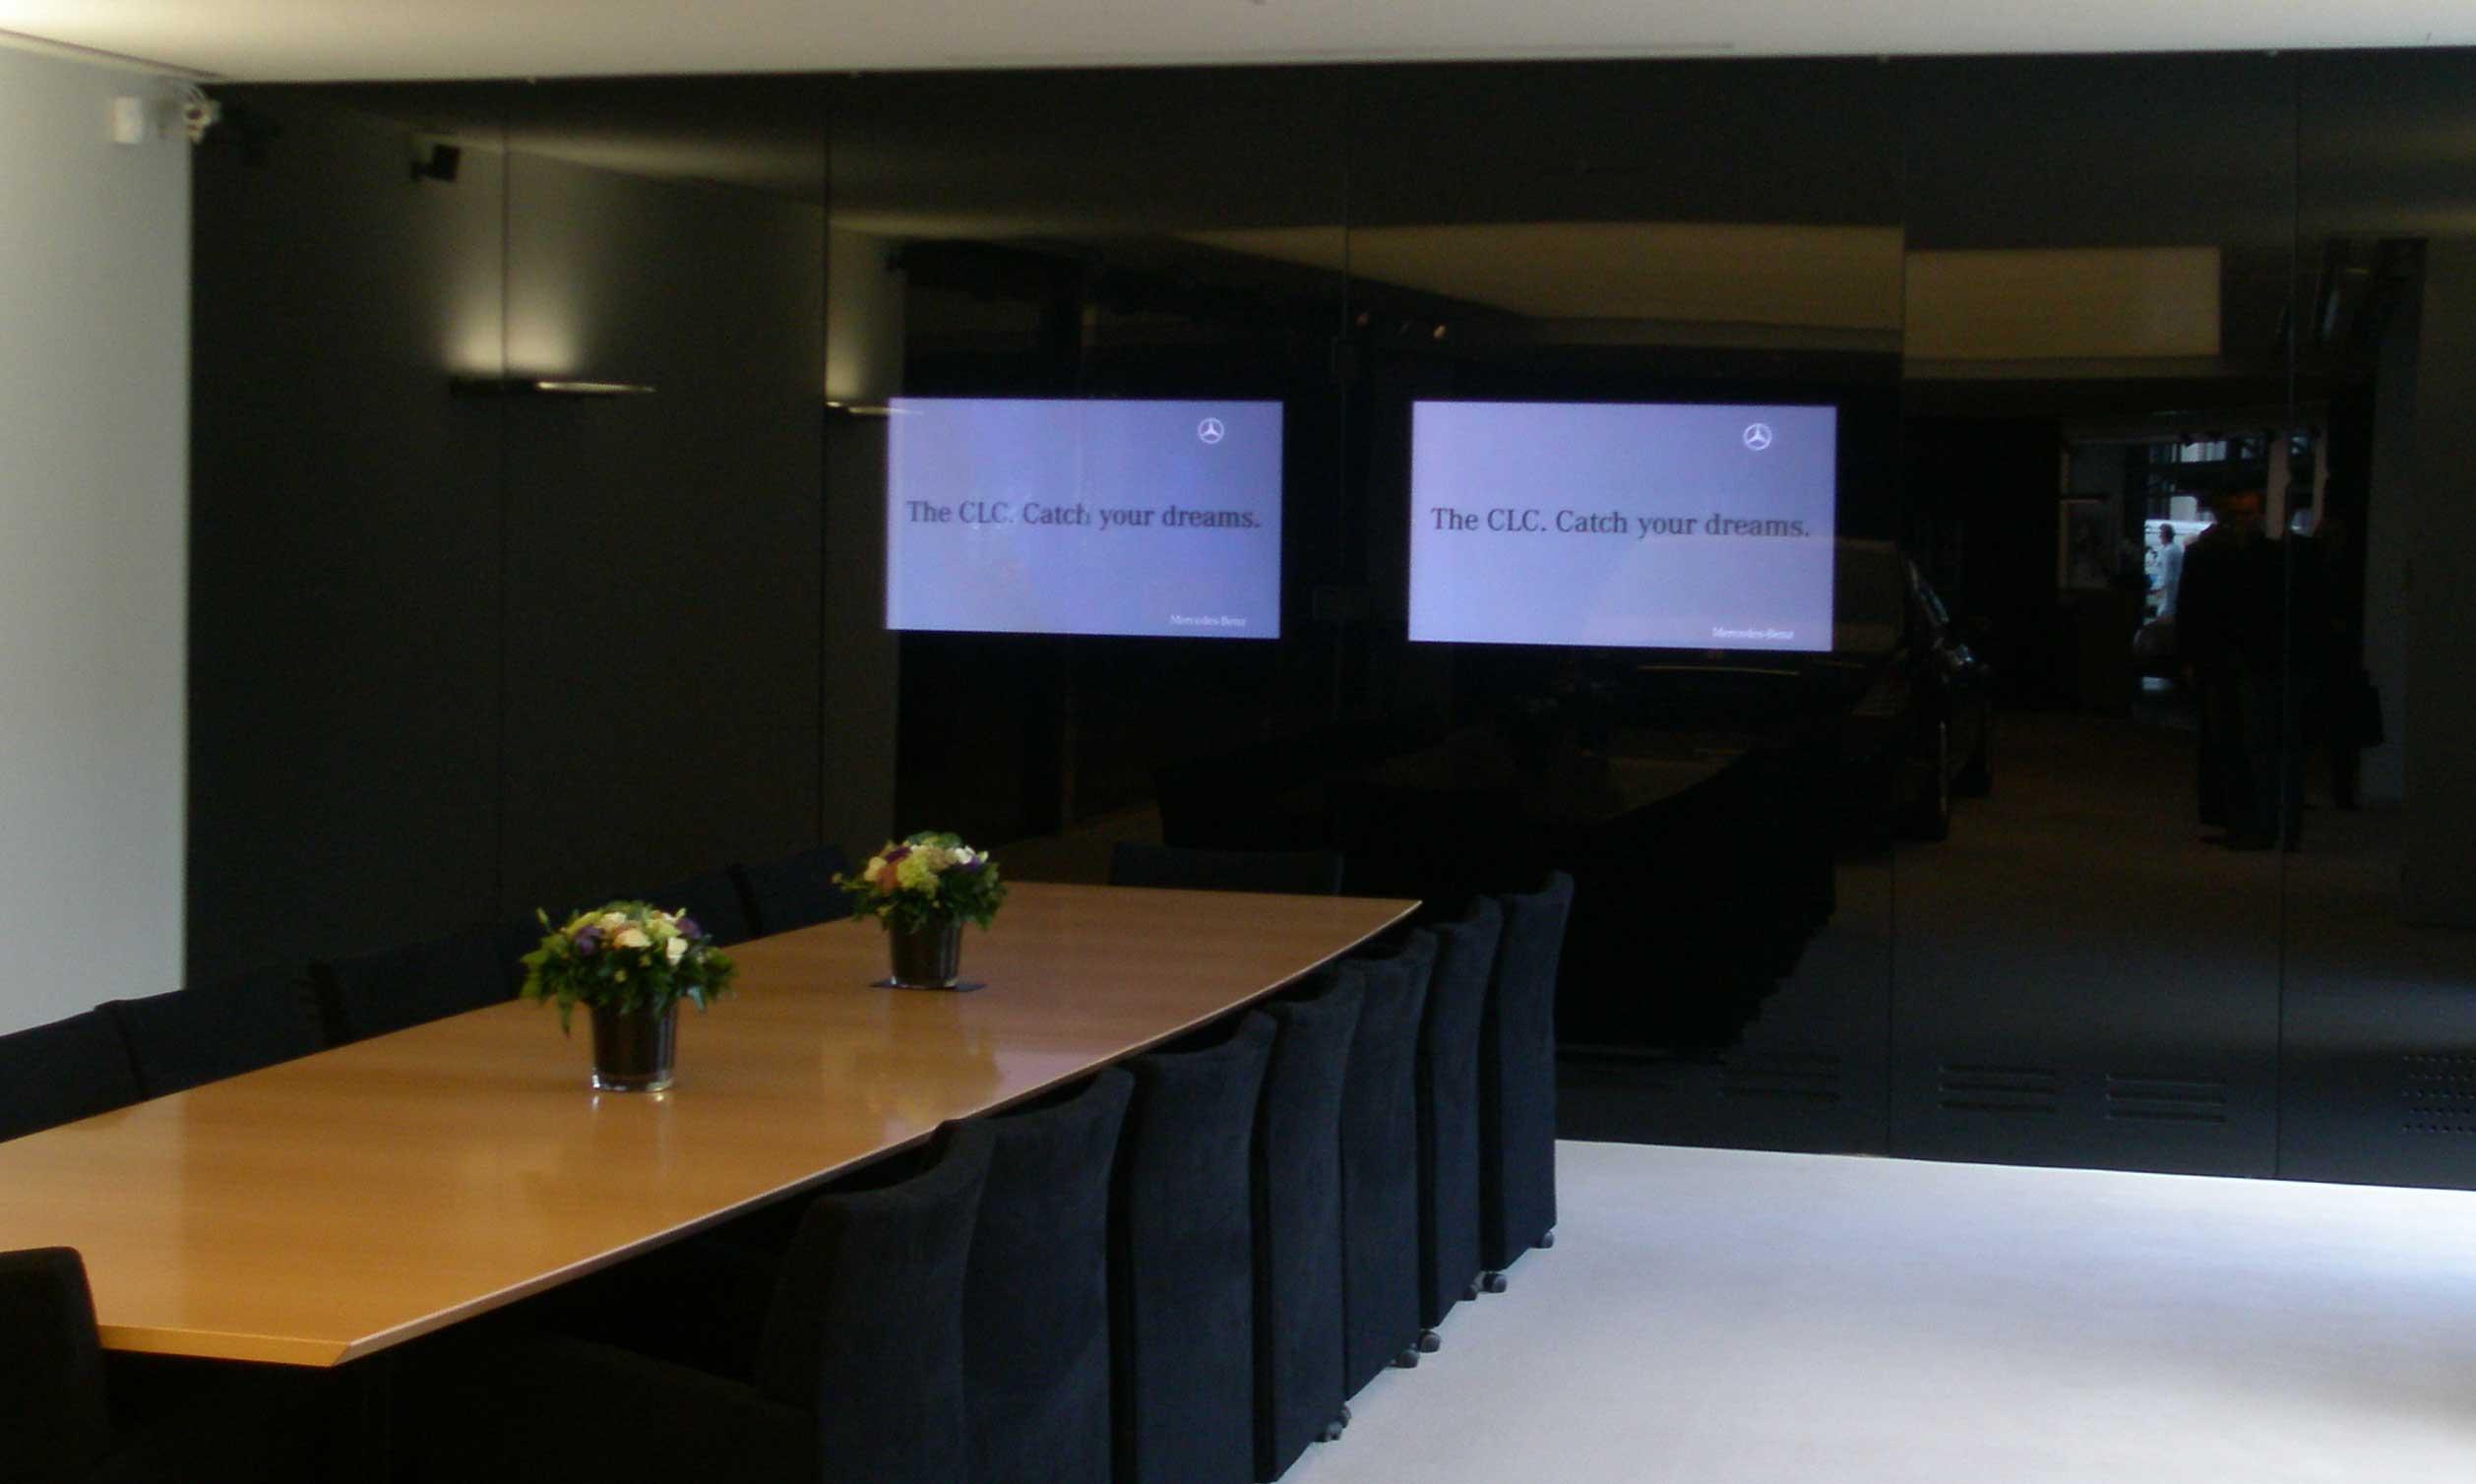 Conference Room Digital Signage